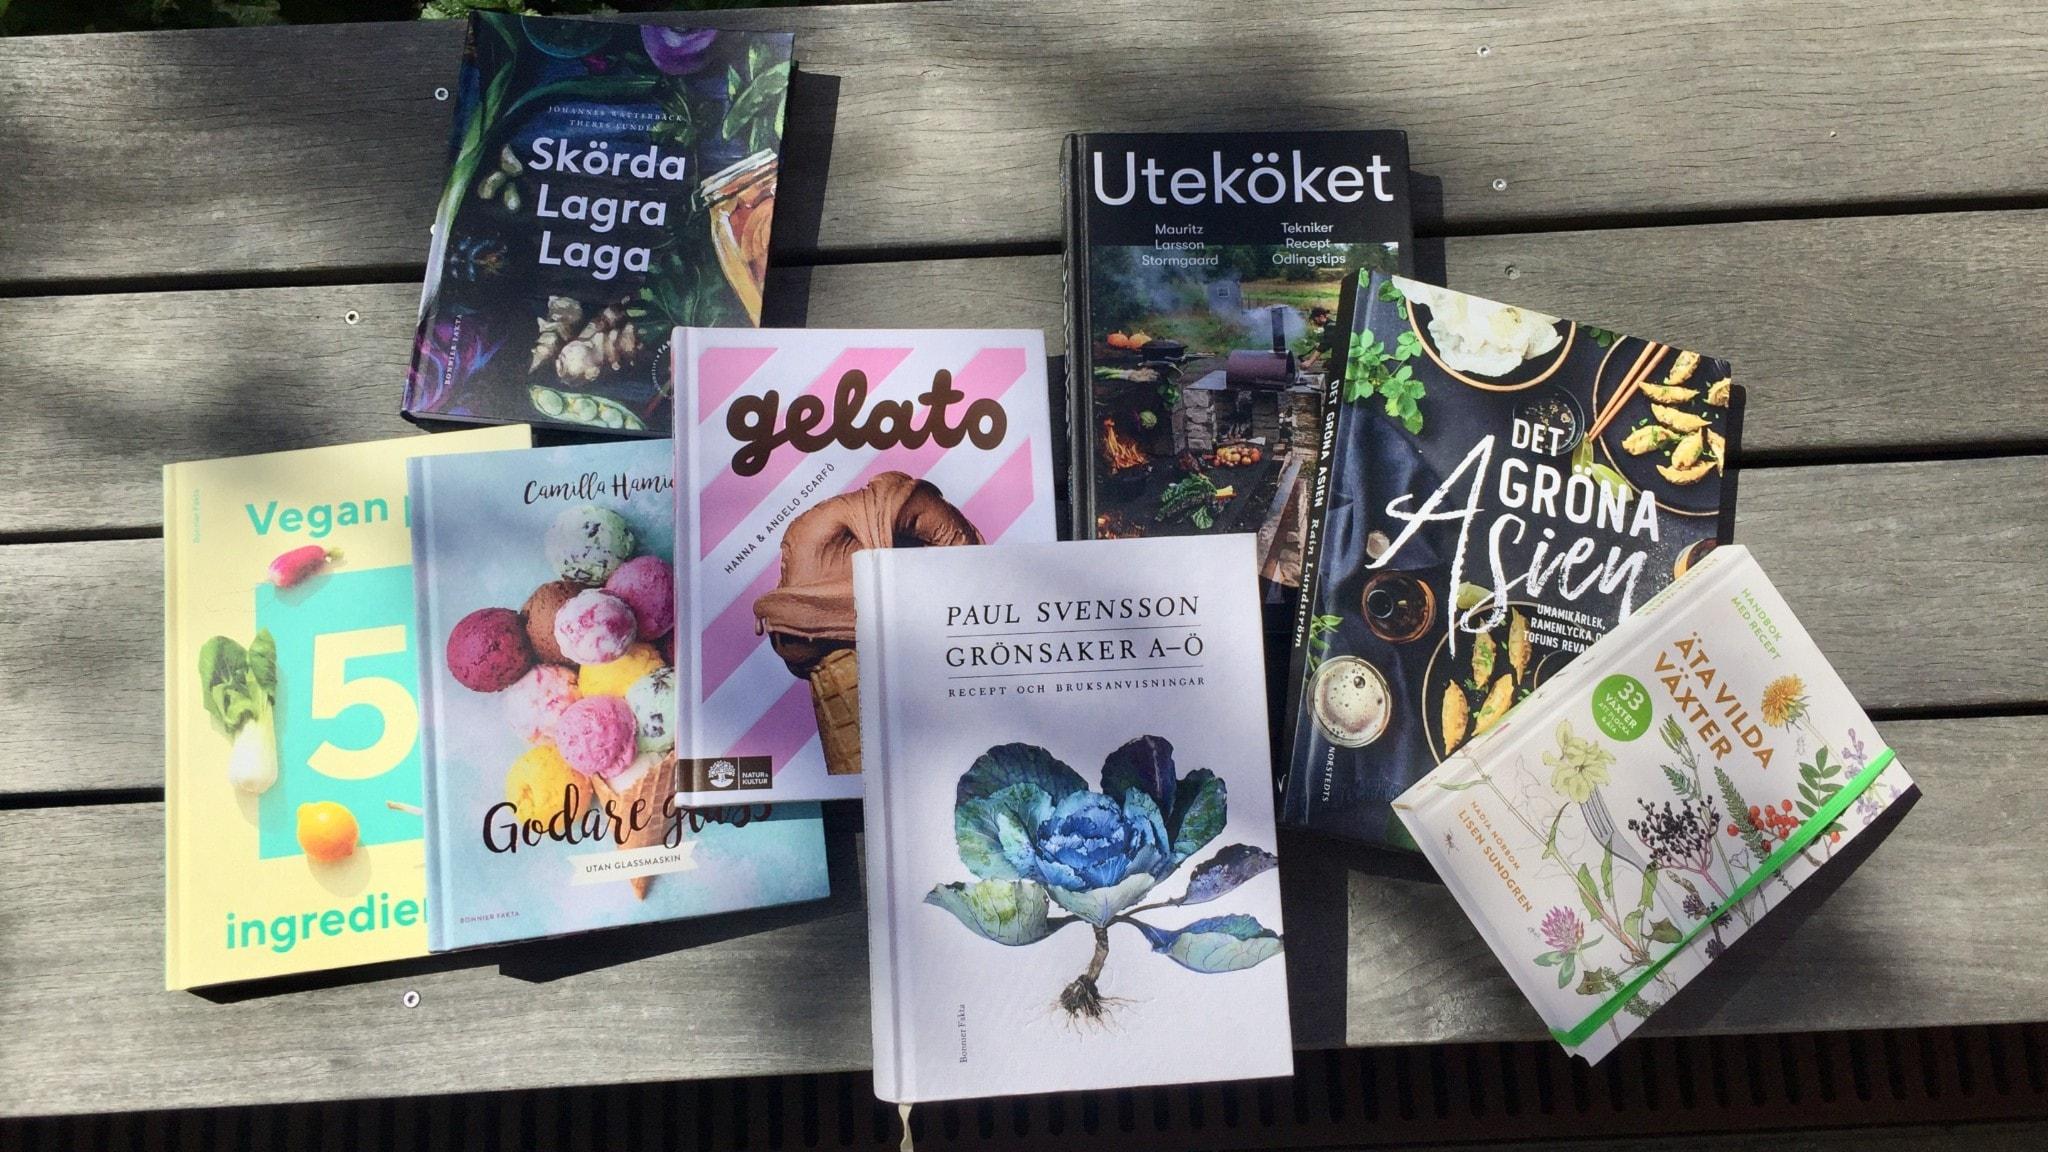 Böckerna som det pratas om i programmet